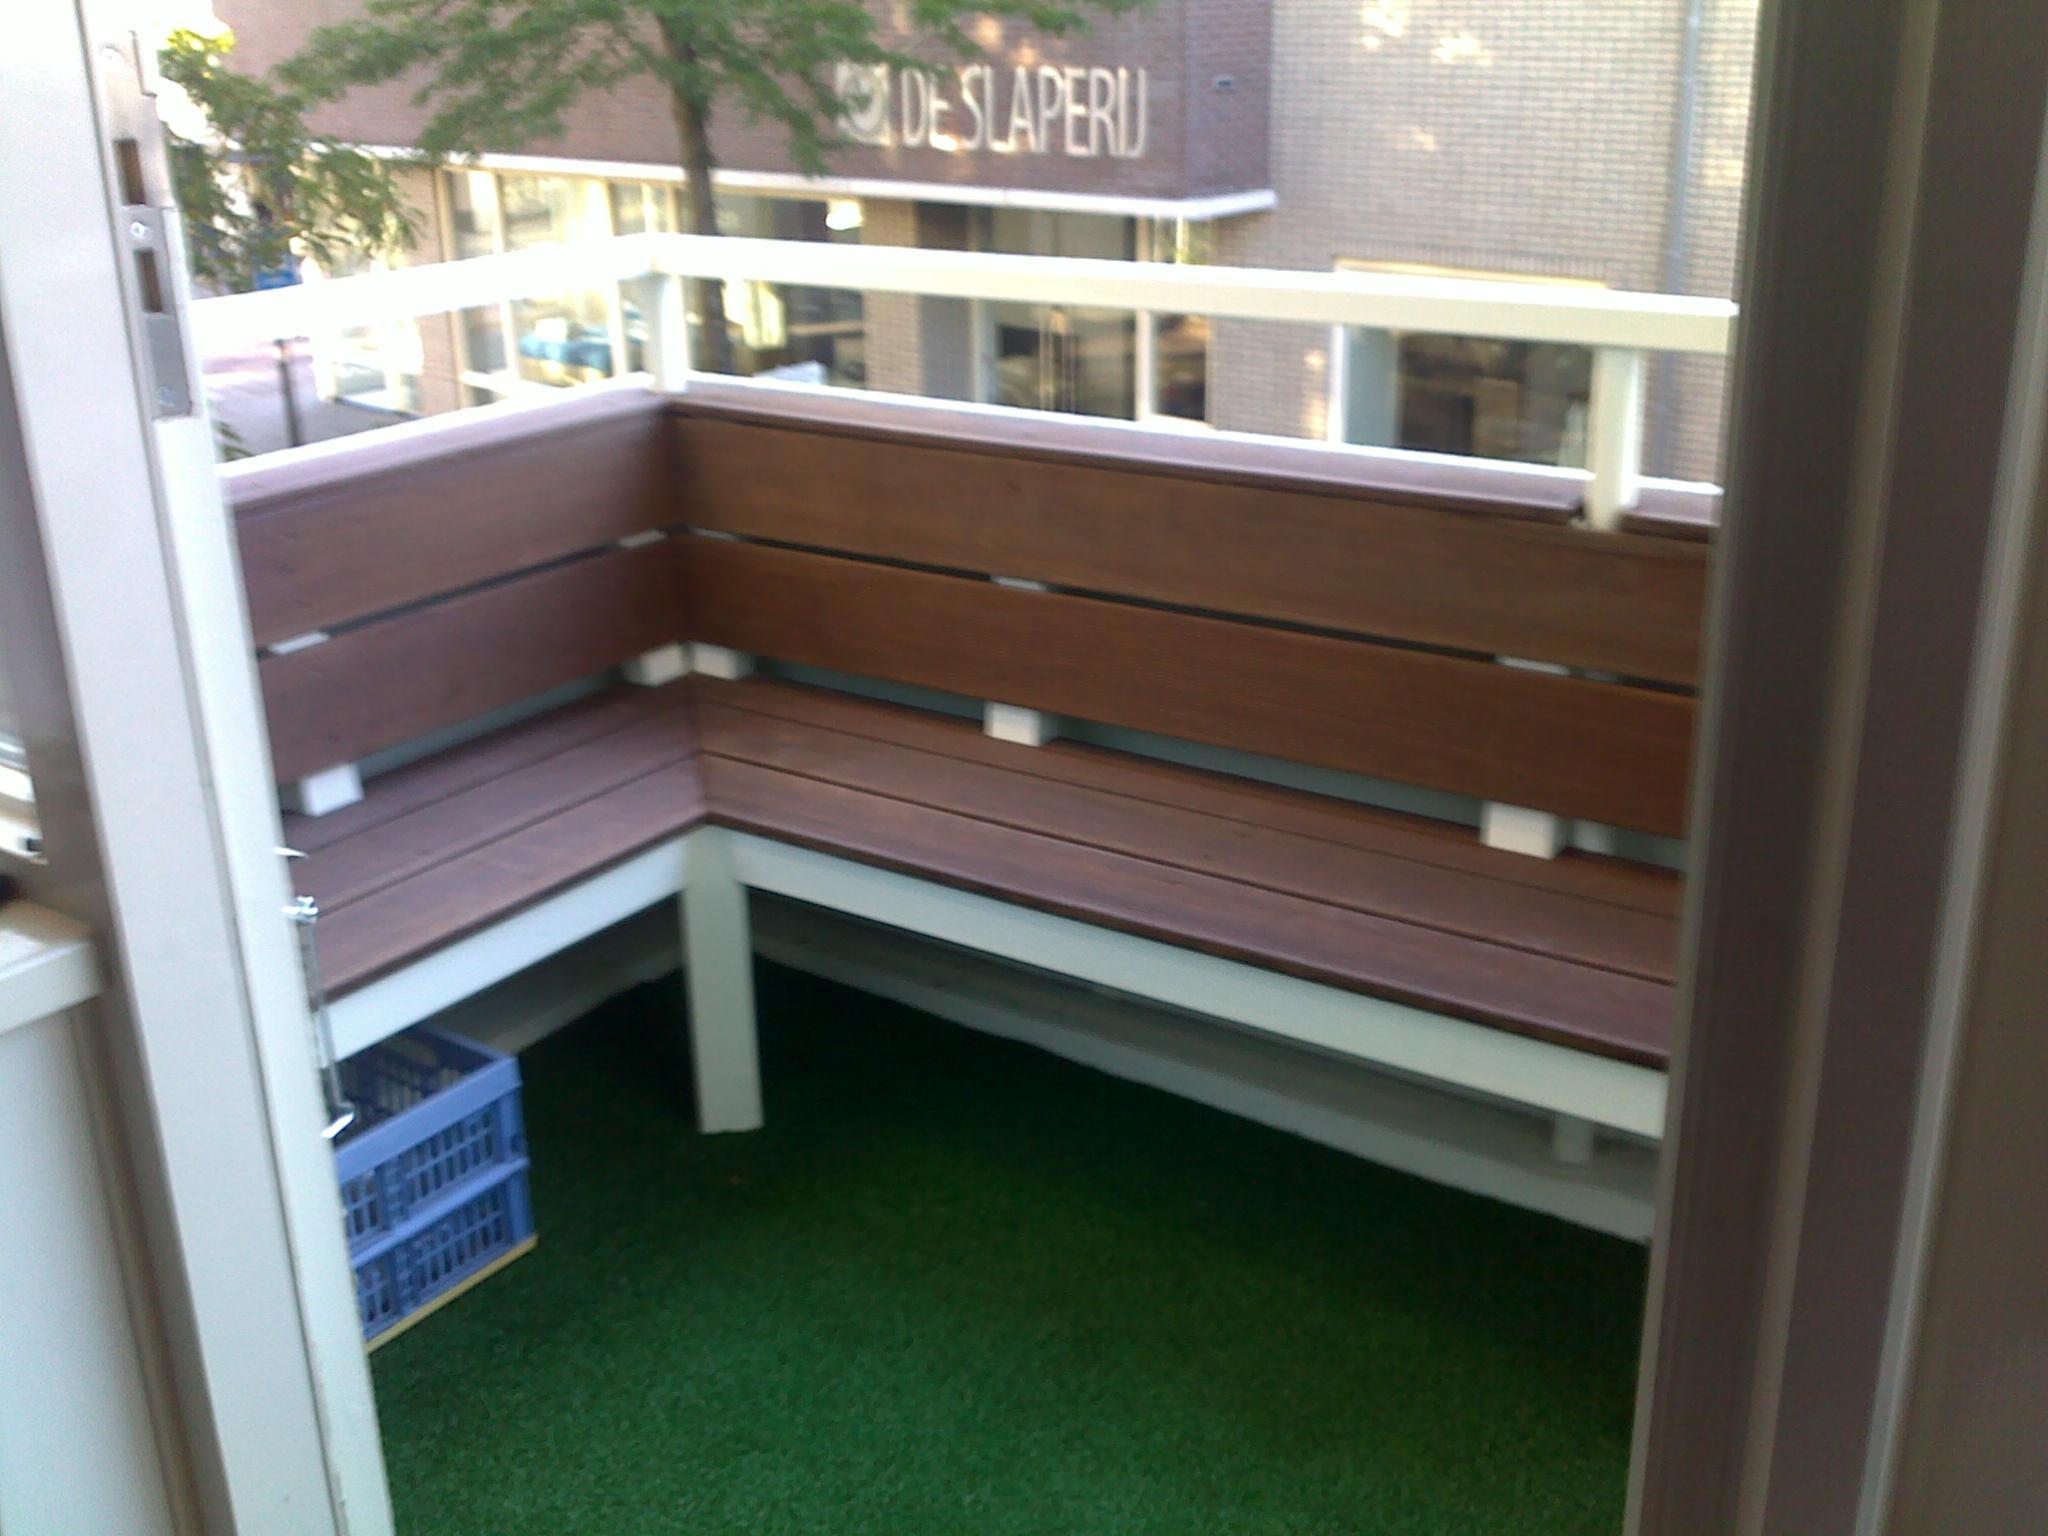 simon van tellingen woning inrichting uw specialist voor het maken van binnen en buitens. Black Bedroom Furniture Sets. Home Design Ideas